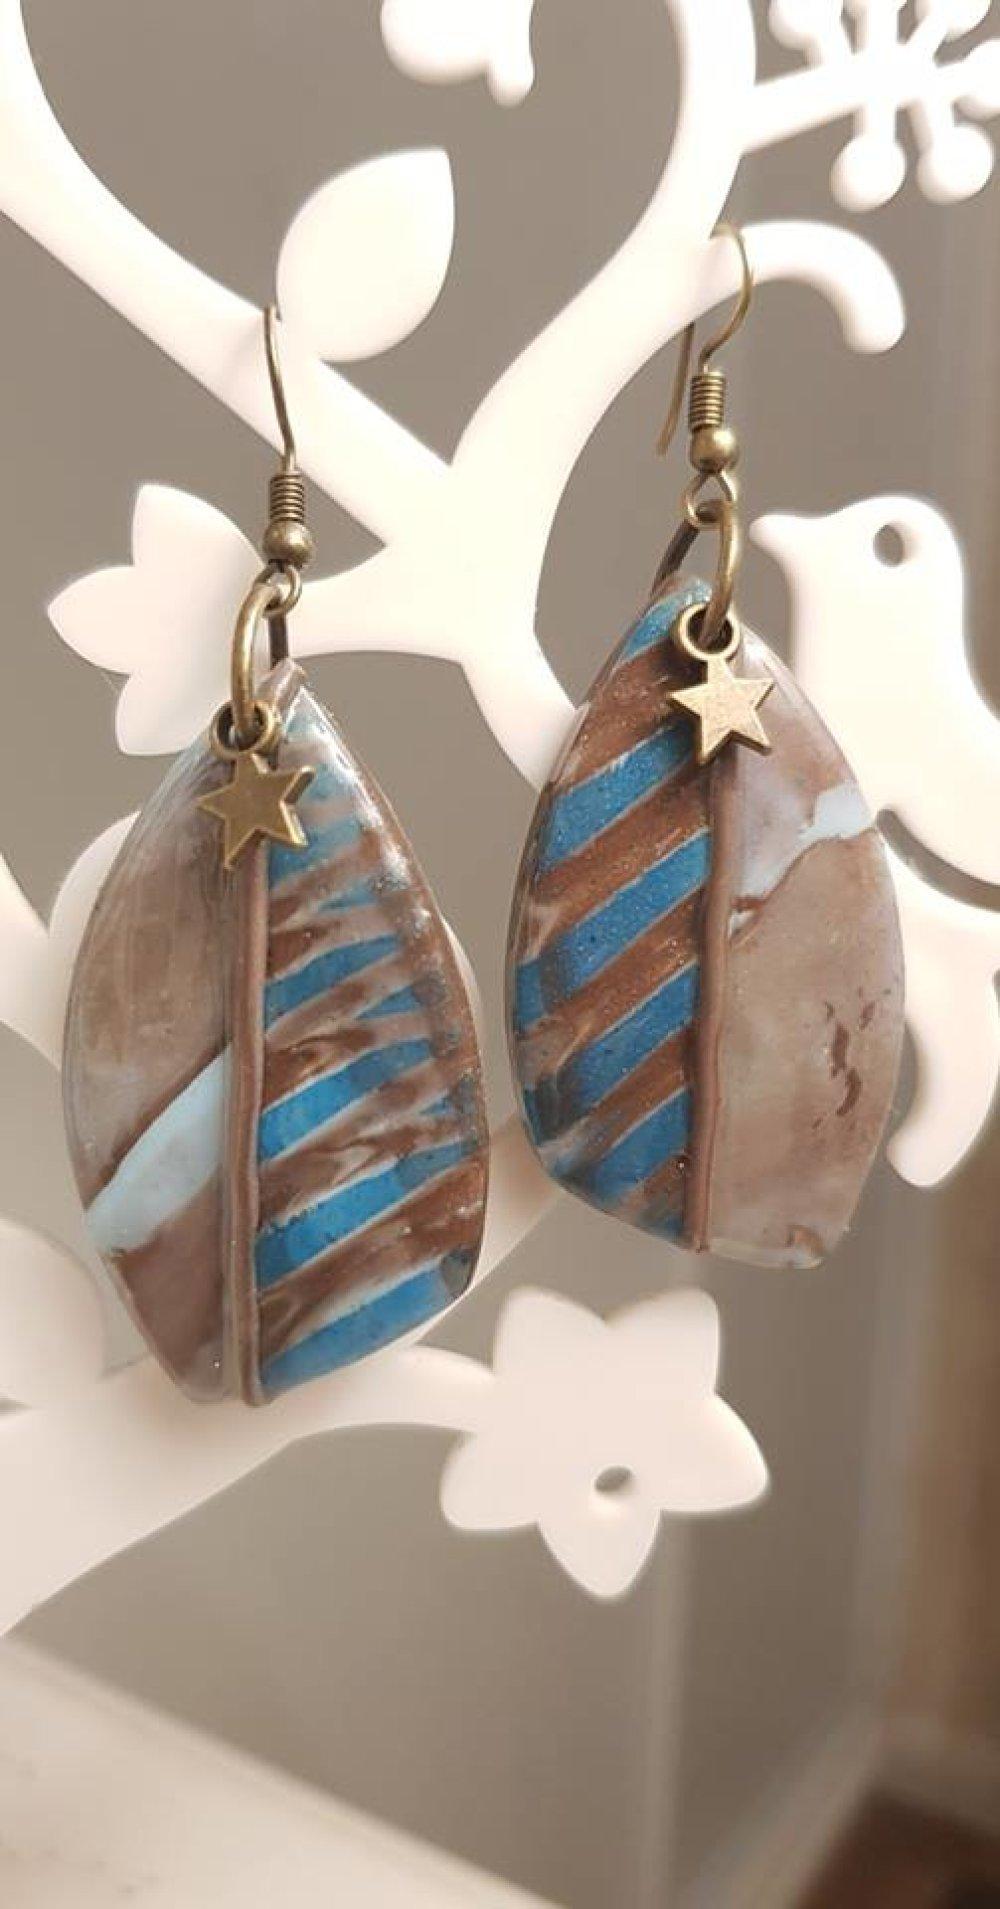 boucle d'oreille marron et turquoise